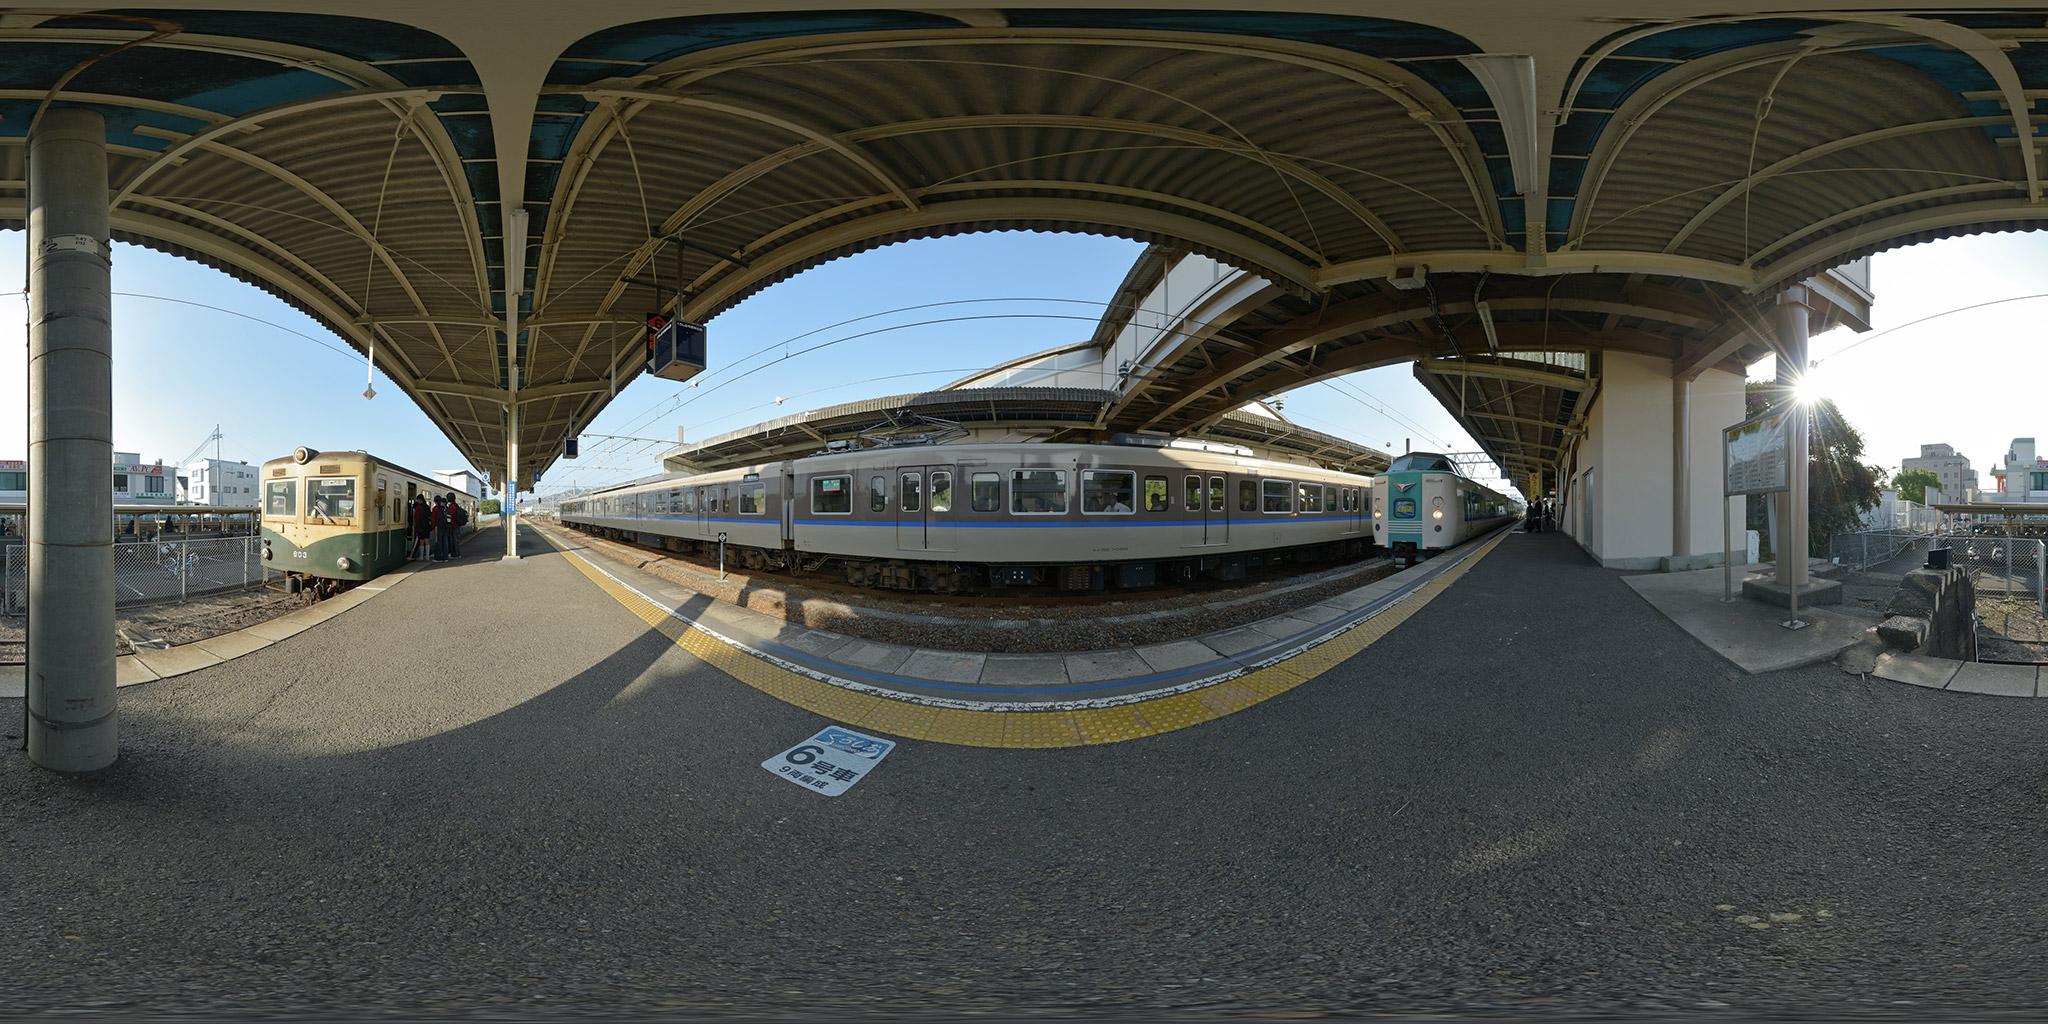 御坊駅で381系「スーパーくろしお」と並ぶ紀州鉄道キハ603